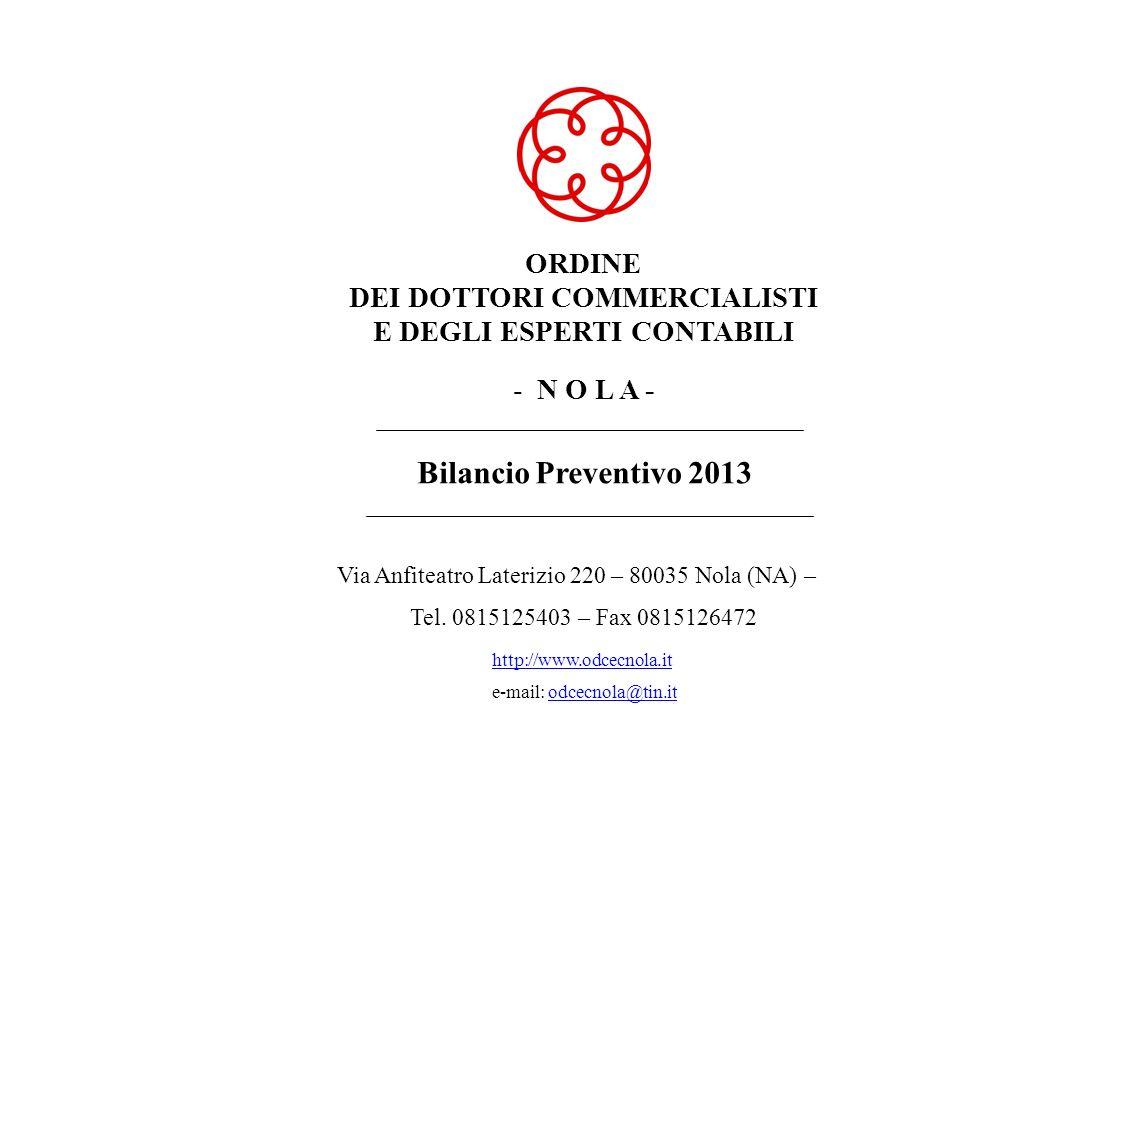 3 La voce del Titolo VII – Partite di giro – accoglie per la quasi totalità di euro (166.350,00) lammontare della quota contributiva dovuta dallOrdine locale al Consiglio Nazionale.